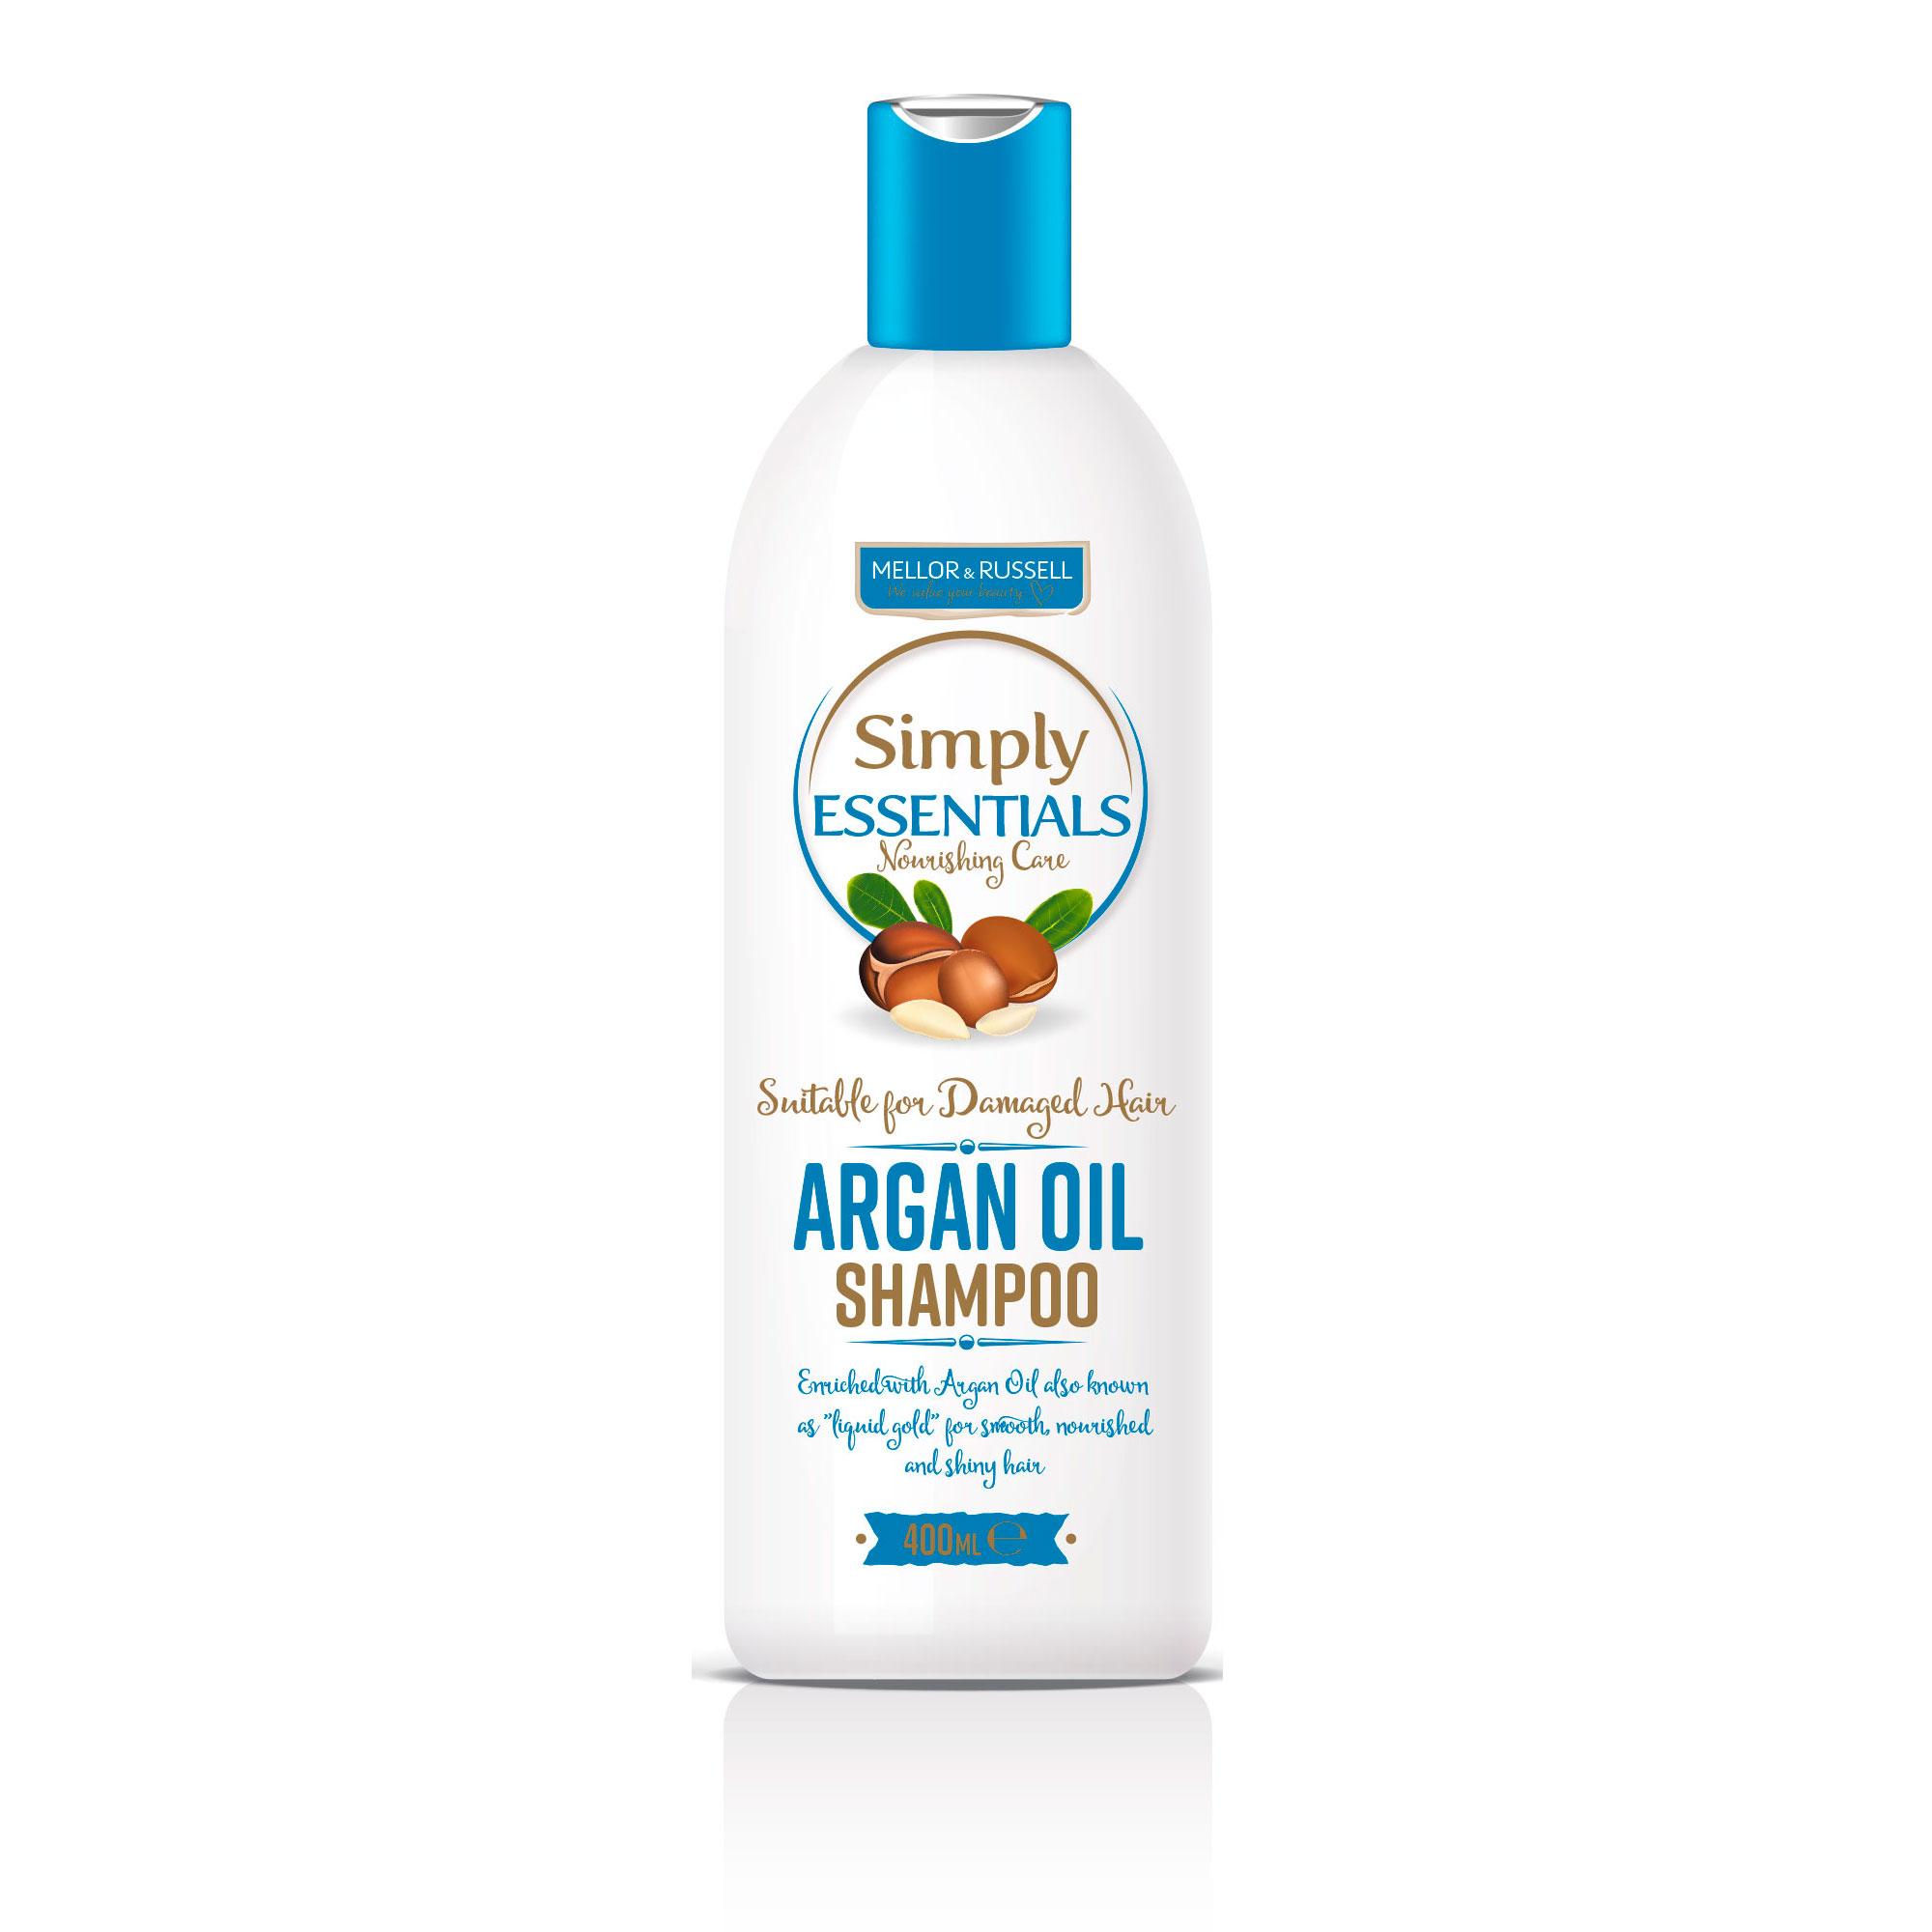 Simply Essentials Argan Oil Шампунь для волос с Аргановым маслом 400 мл